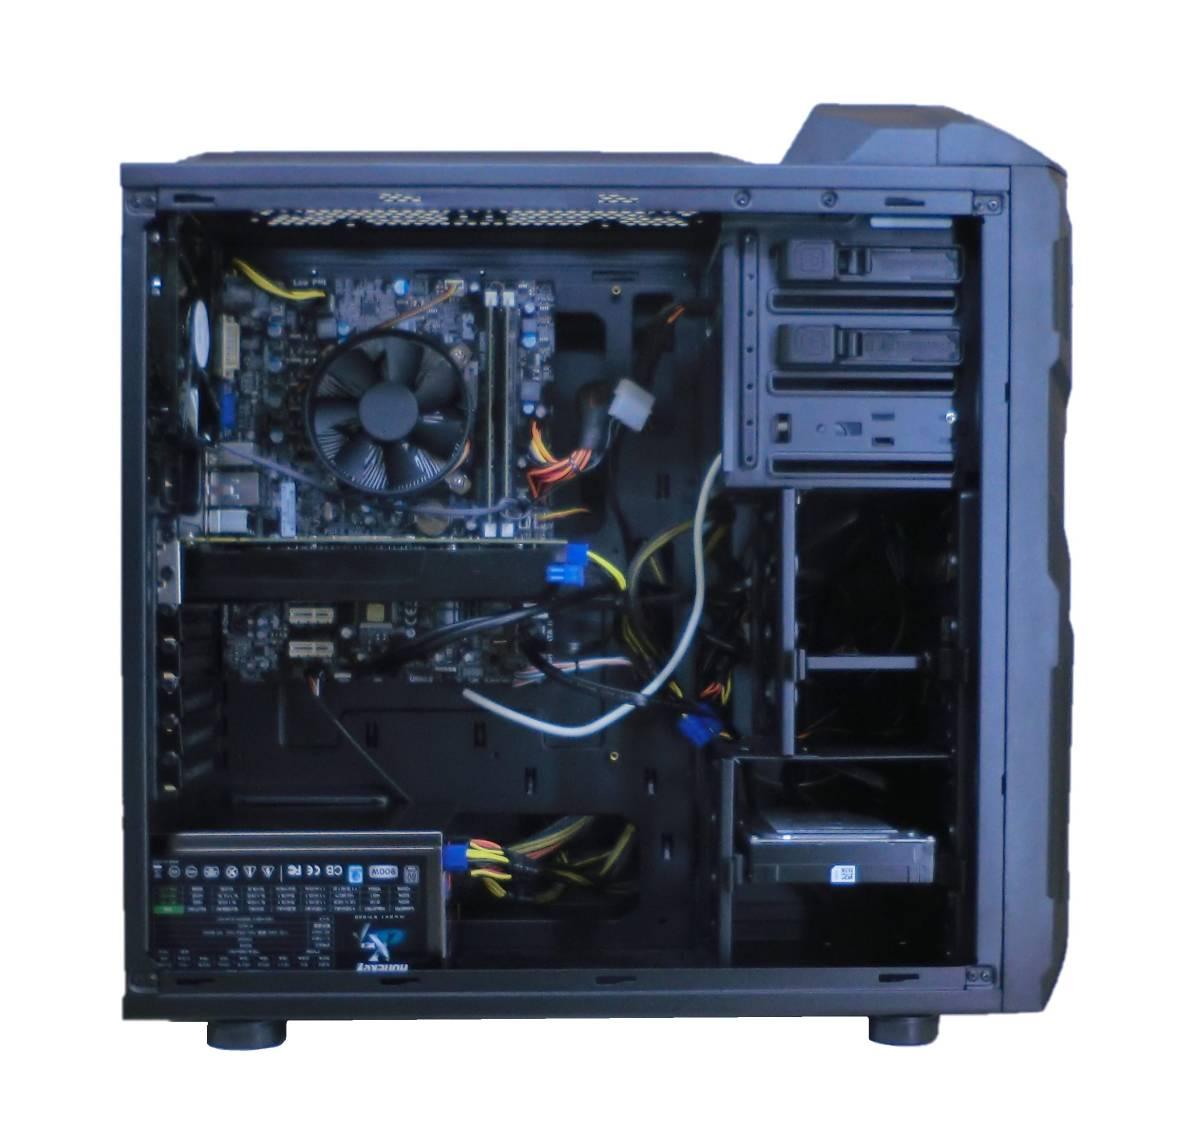 新品ケース!! i7-2600!! Office2019!! win10!! SSD512GB HDD 1TB !!メモリ12GB!美品!!_画像3